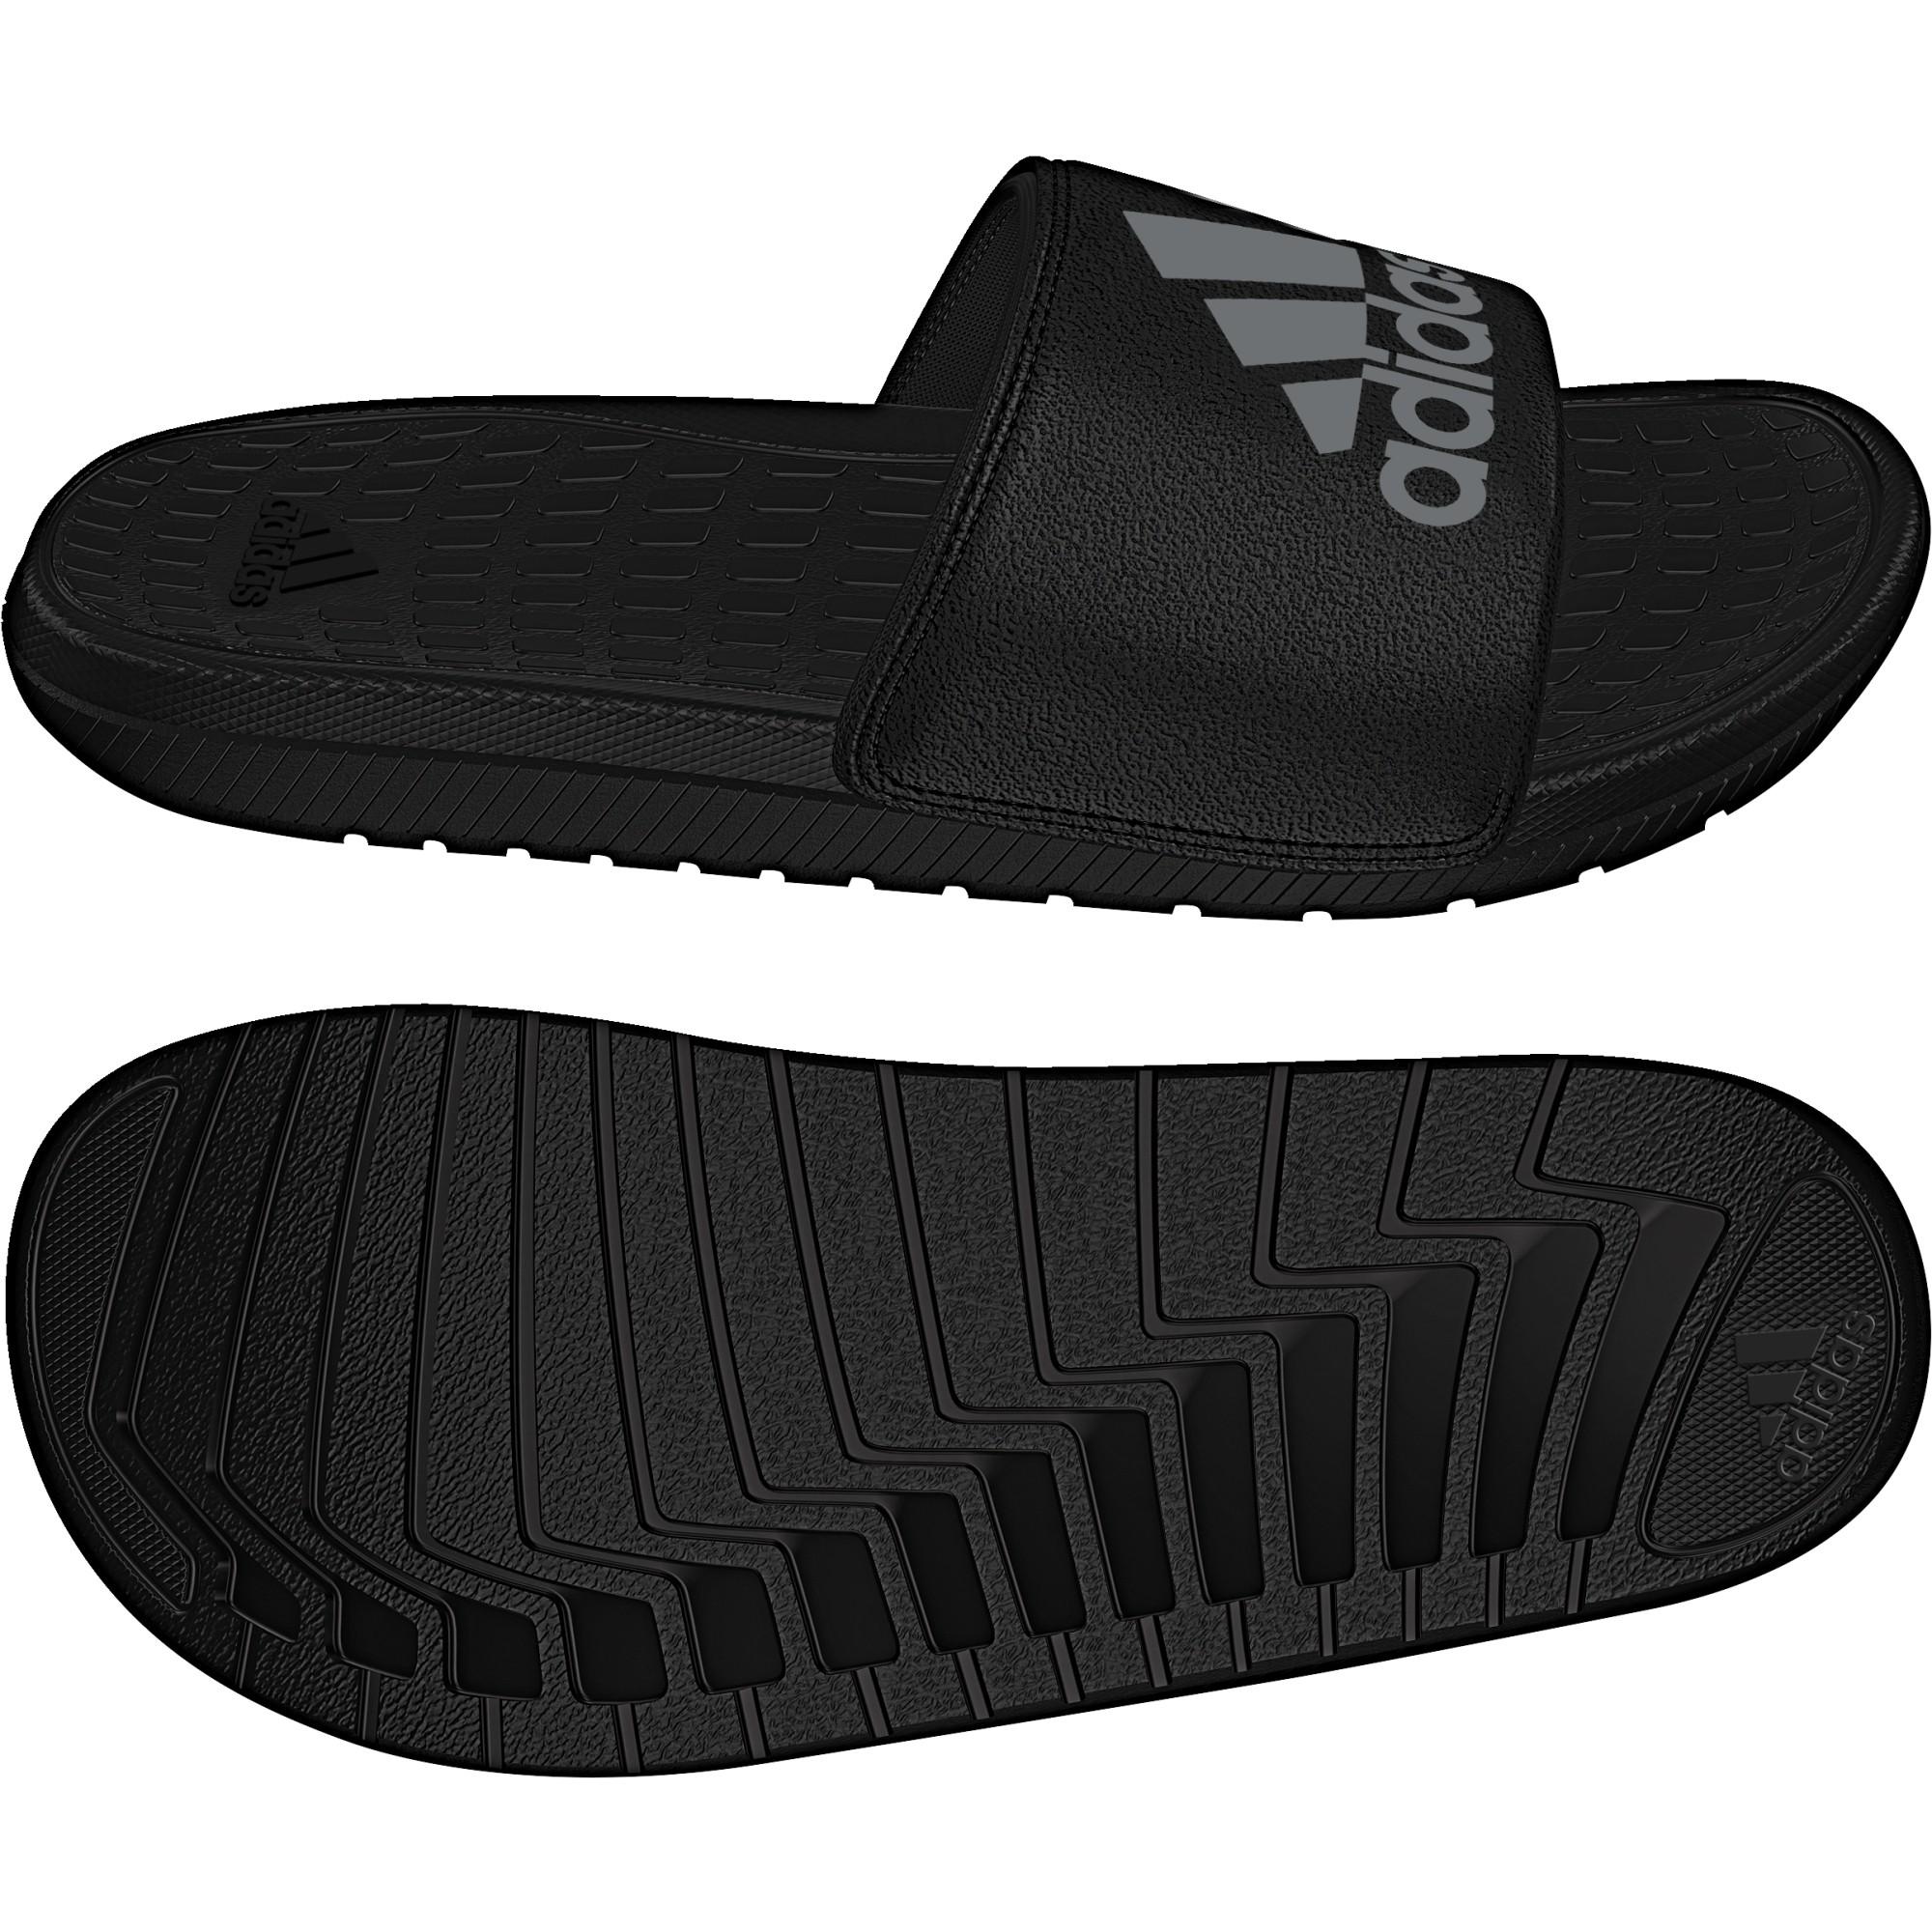 Traer escaldadura Tom Audreath  Chanclas adidas Voloomix negro hombre - Deportes Moya